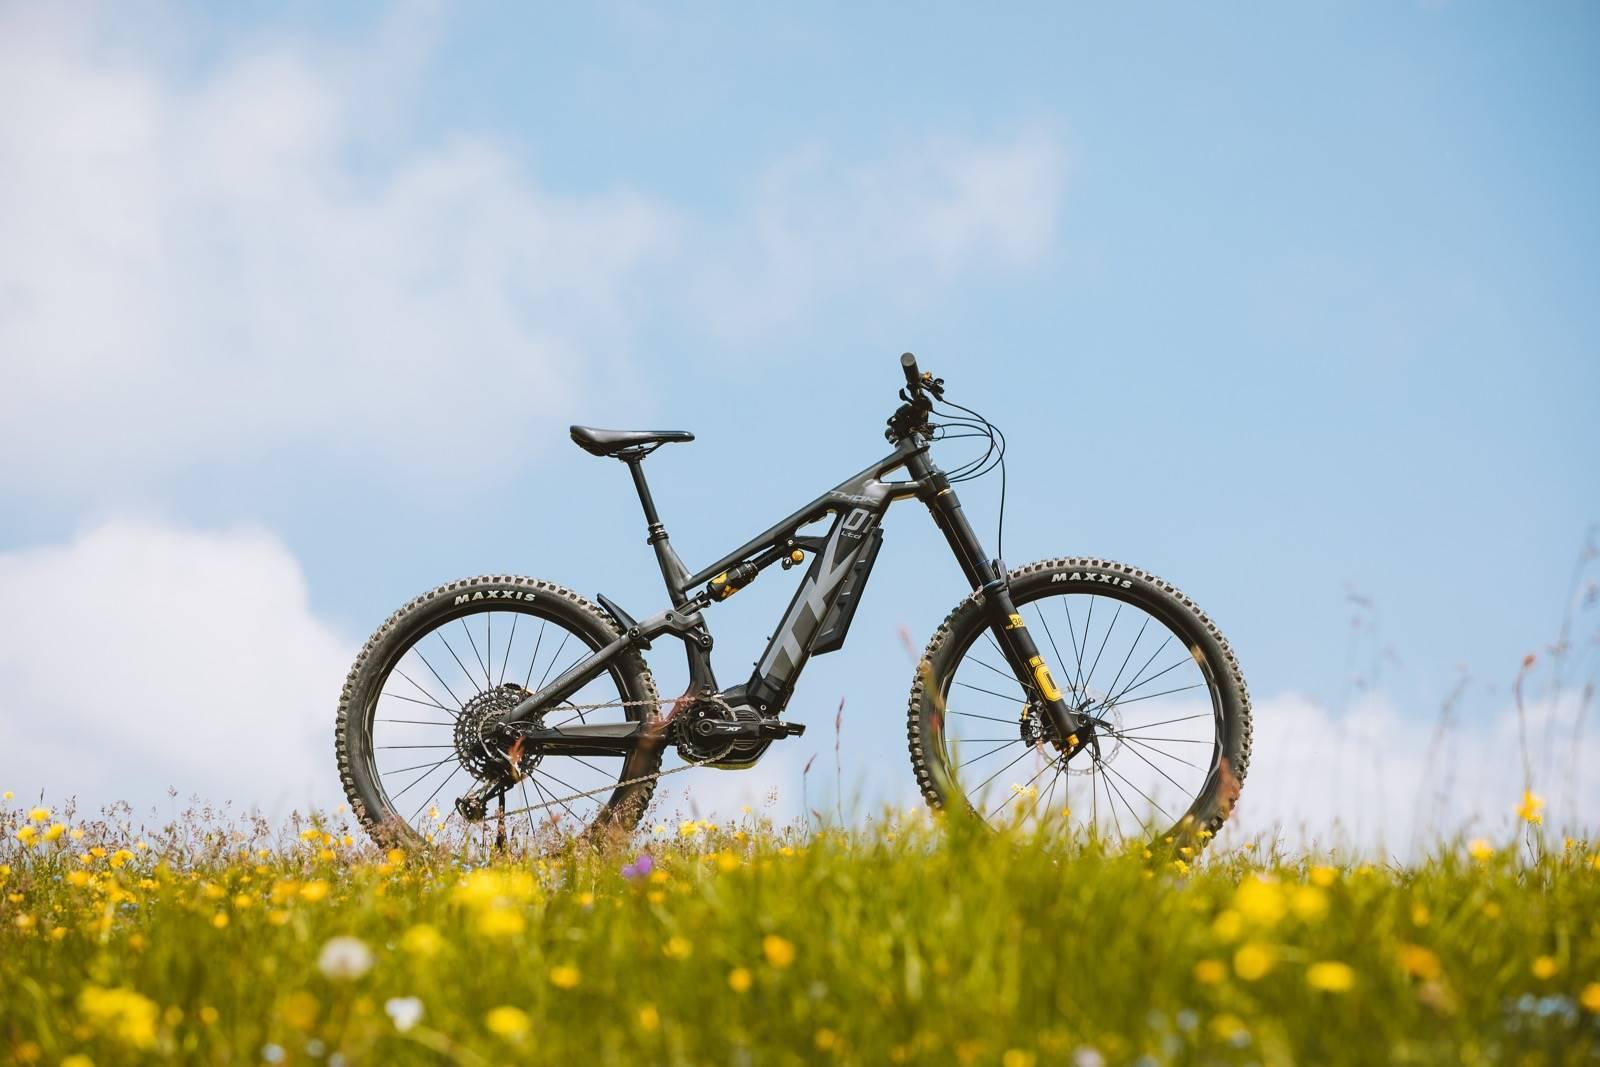 THOK Bikes release their latest eMTBs